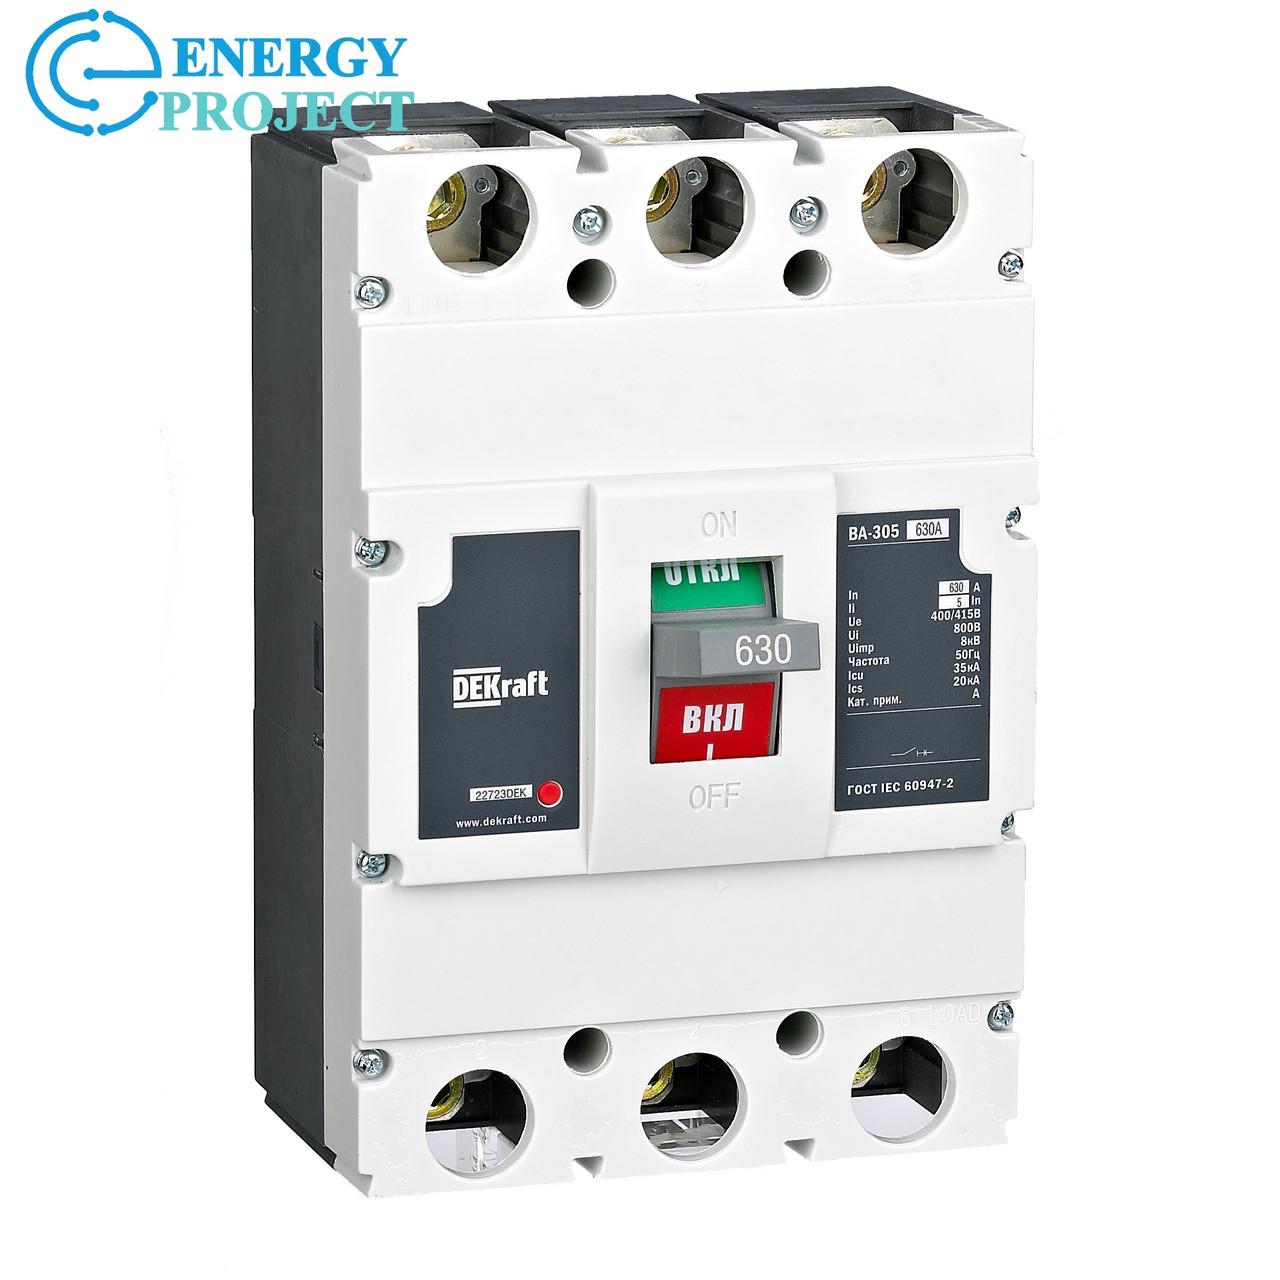 Автоматический выключатель ВА 304 3П 400А Dekfaft